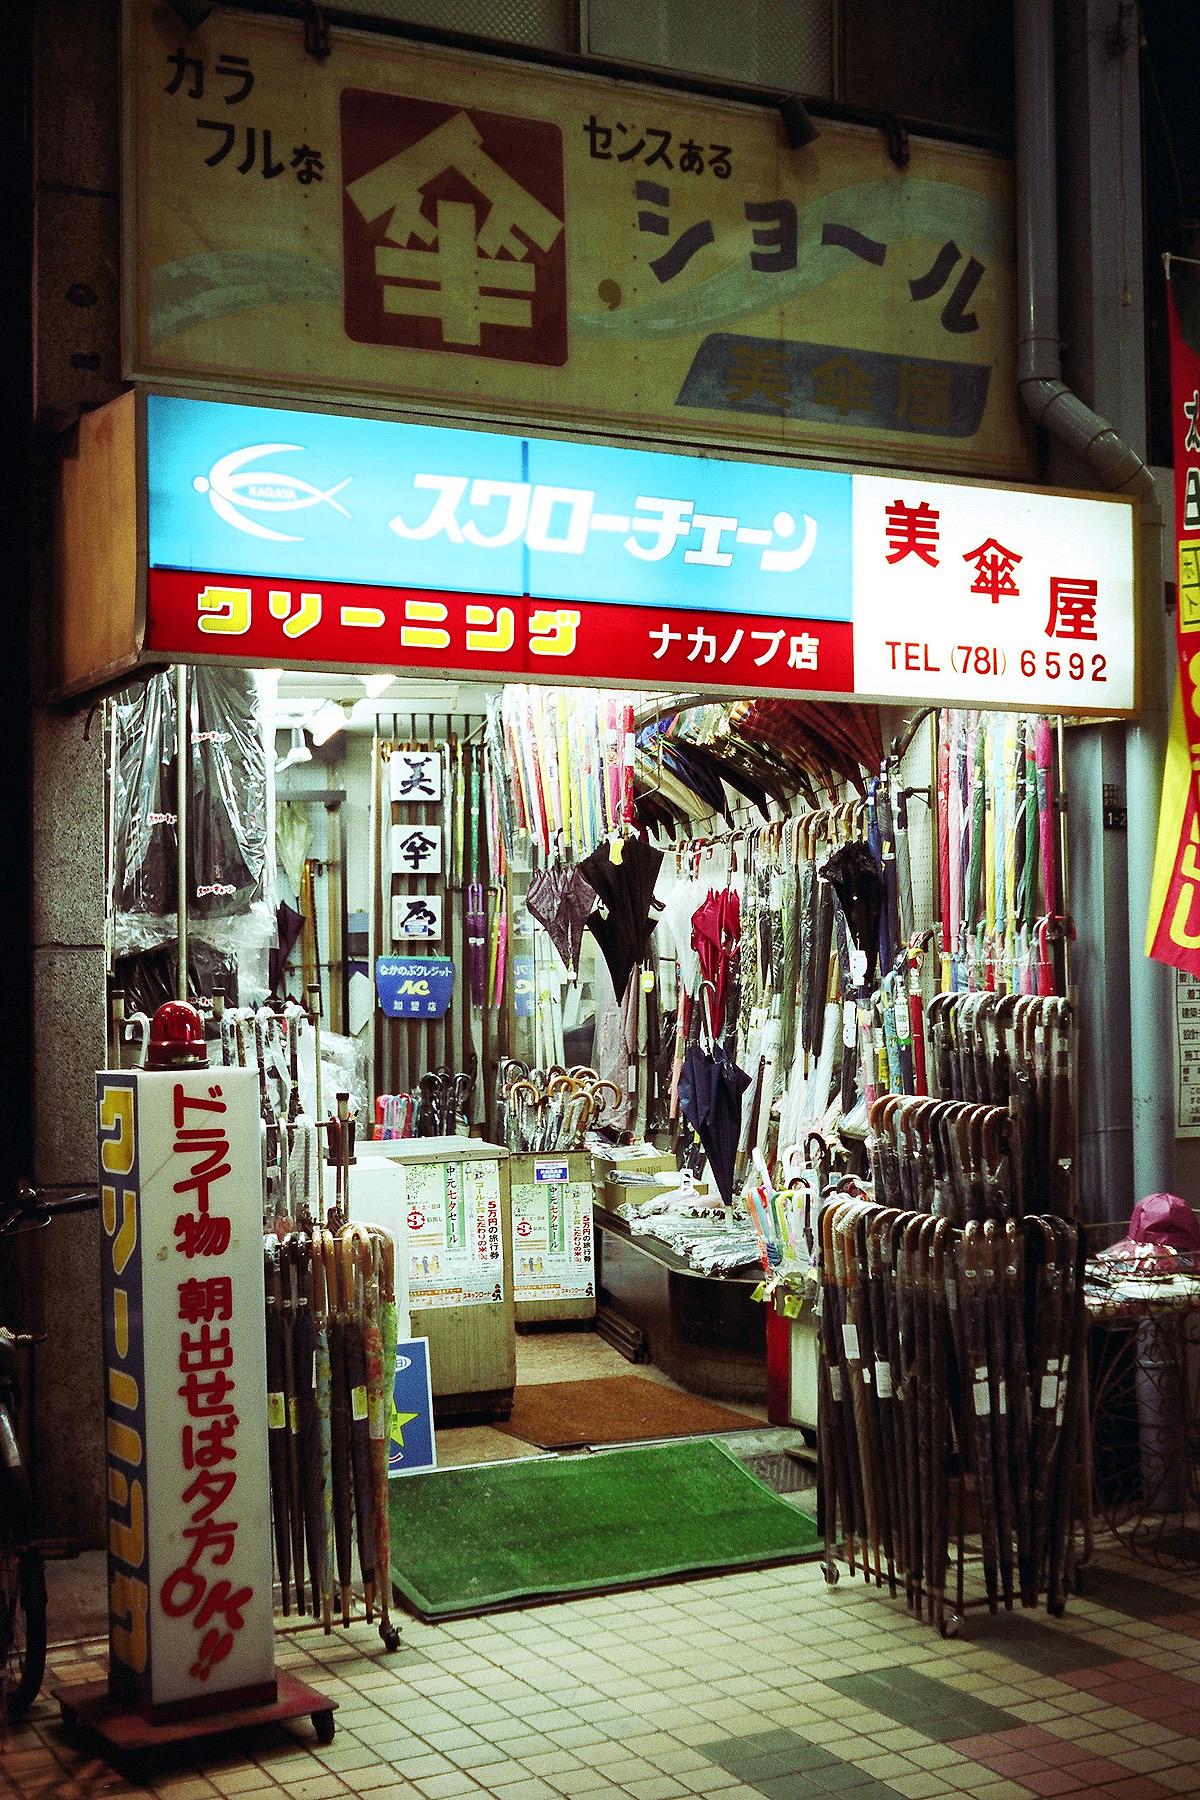 117 中延商店街「美傘屋」 東京都品川区東中延2-1-21 20050708(05.44.34)